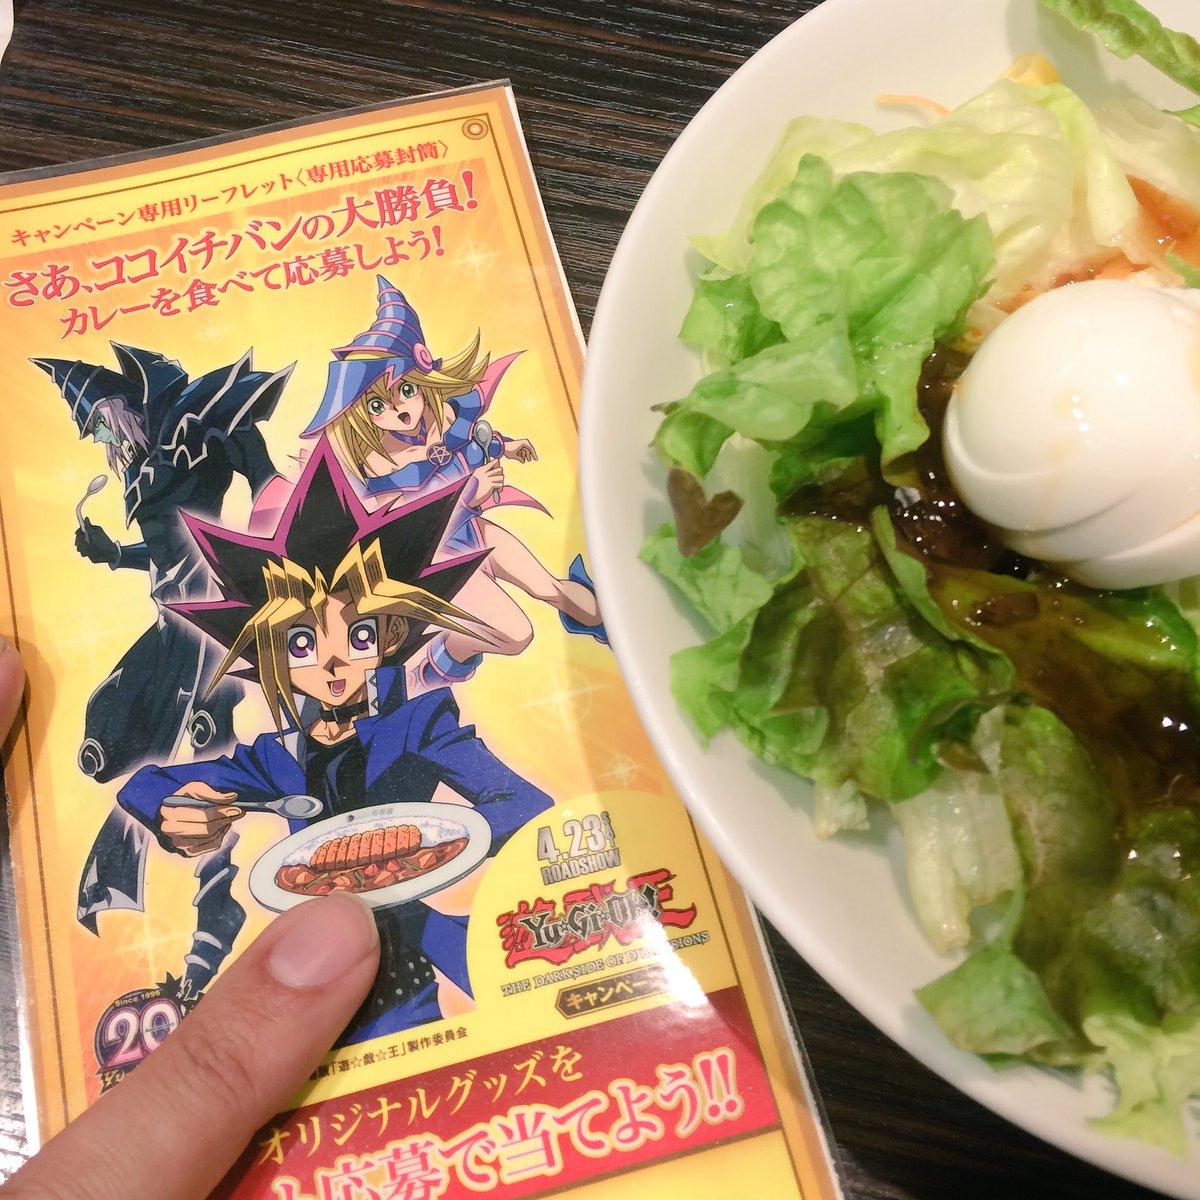 カレー屋に来たZE☆! pic.twitter.com/45vmY5d1Dz